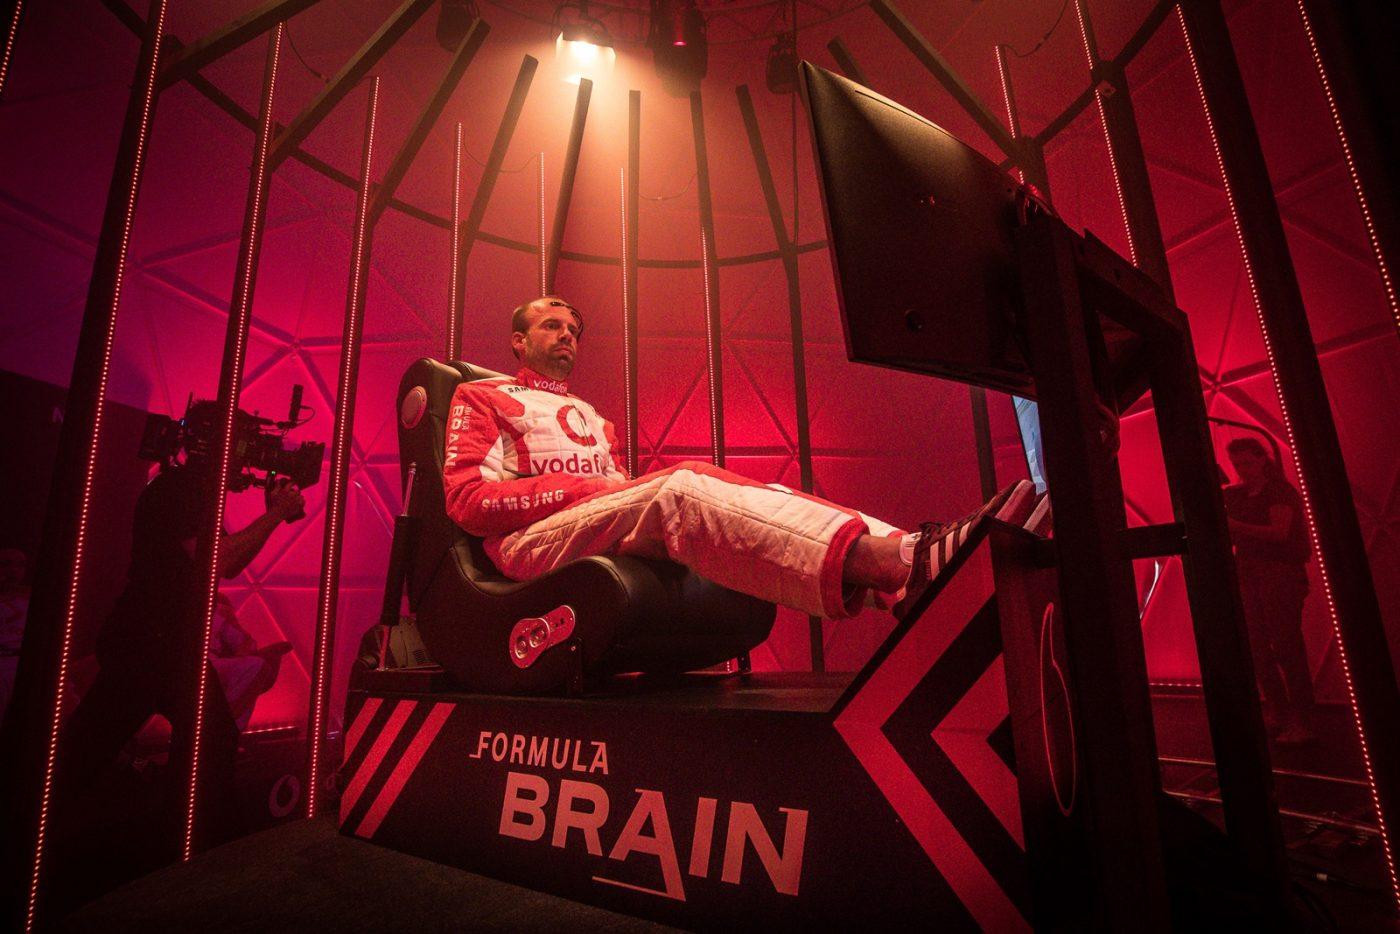 Vodafone Formula Brain